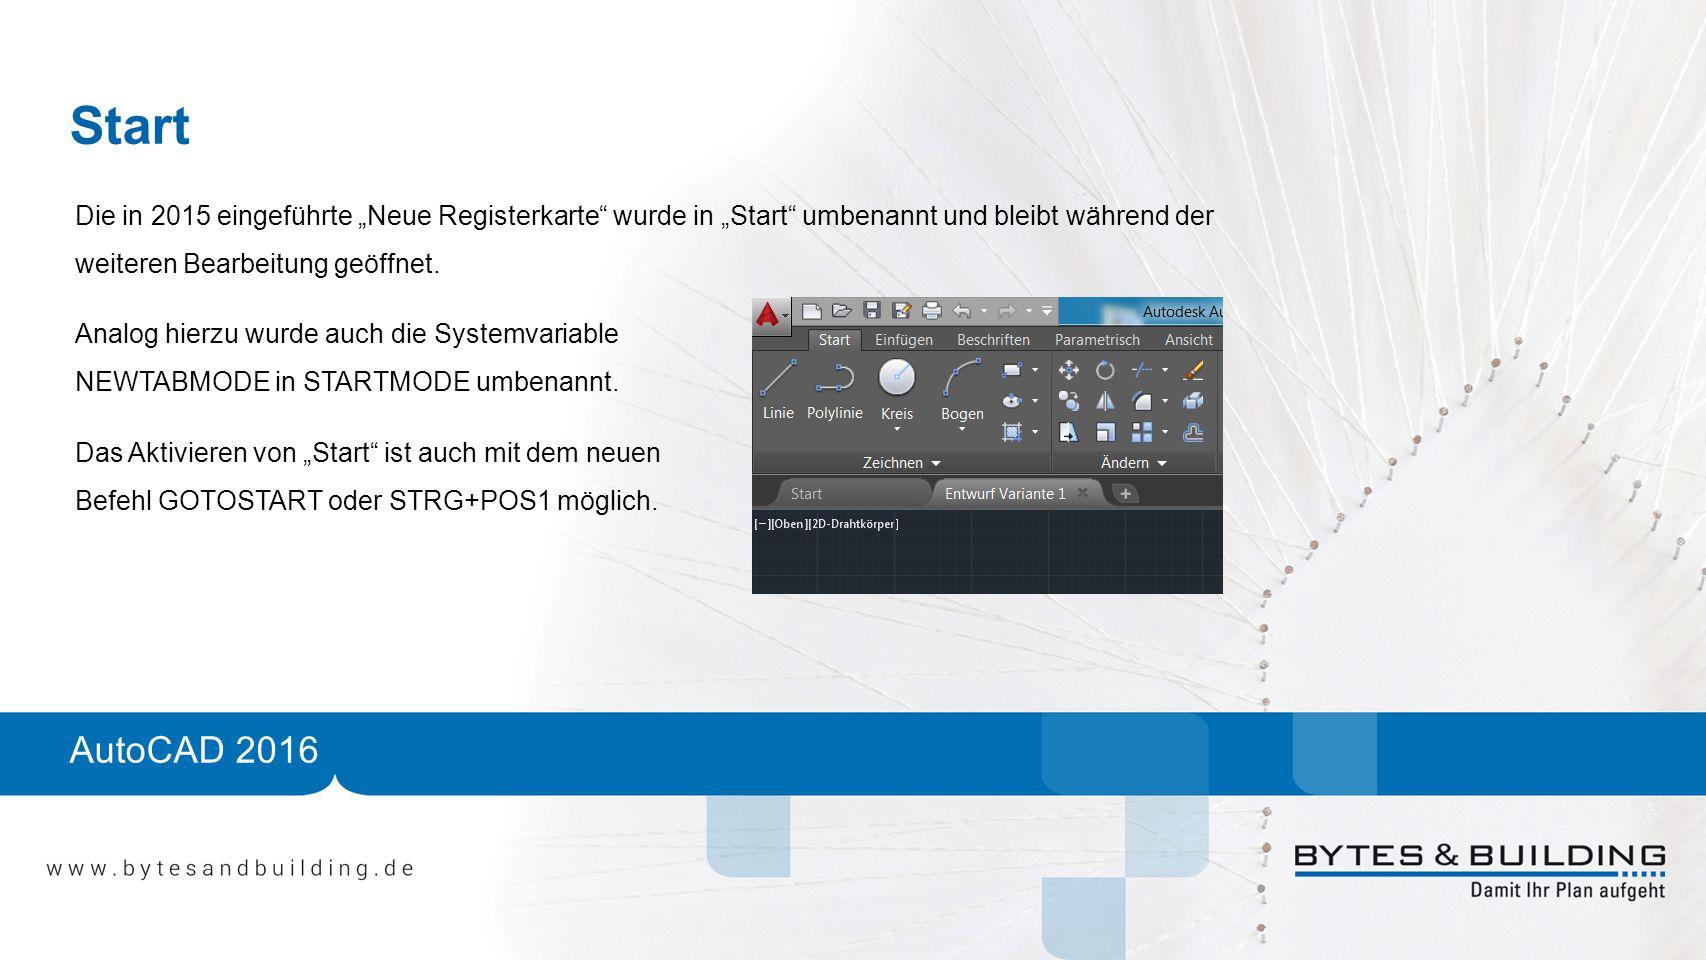 """Start Die in 2015 eingeführte """"Neue Registerkarte wurde in """"Start umbenannt und bleibt während der weiteren Bearbeitung geöffnet."""